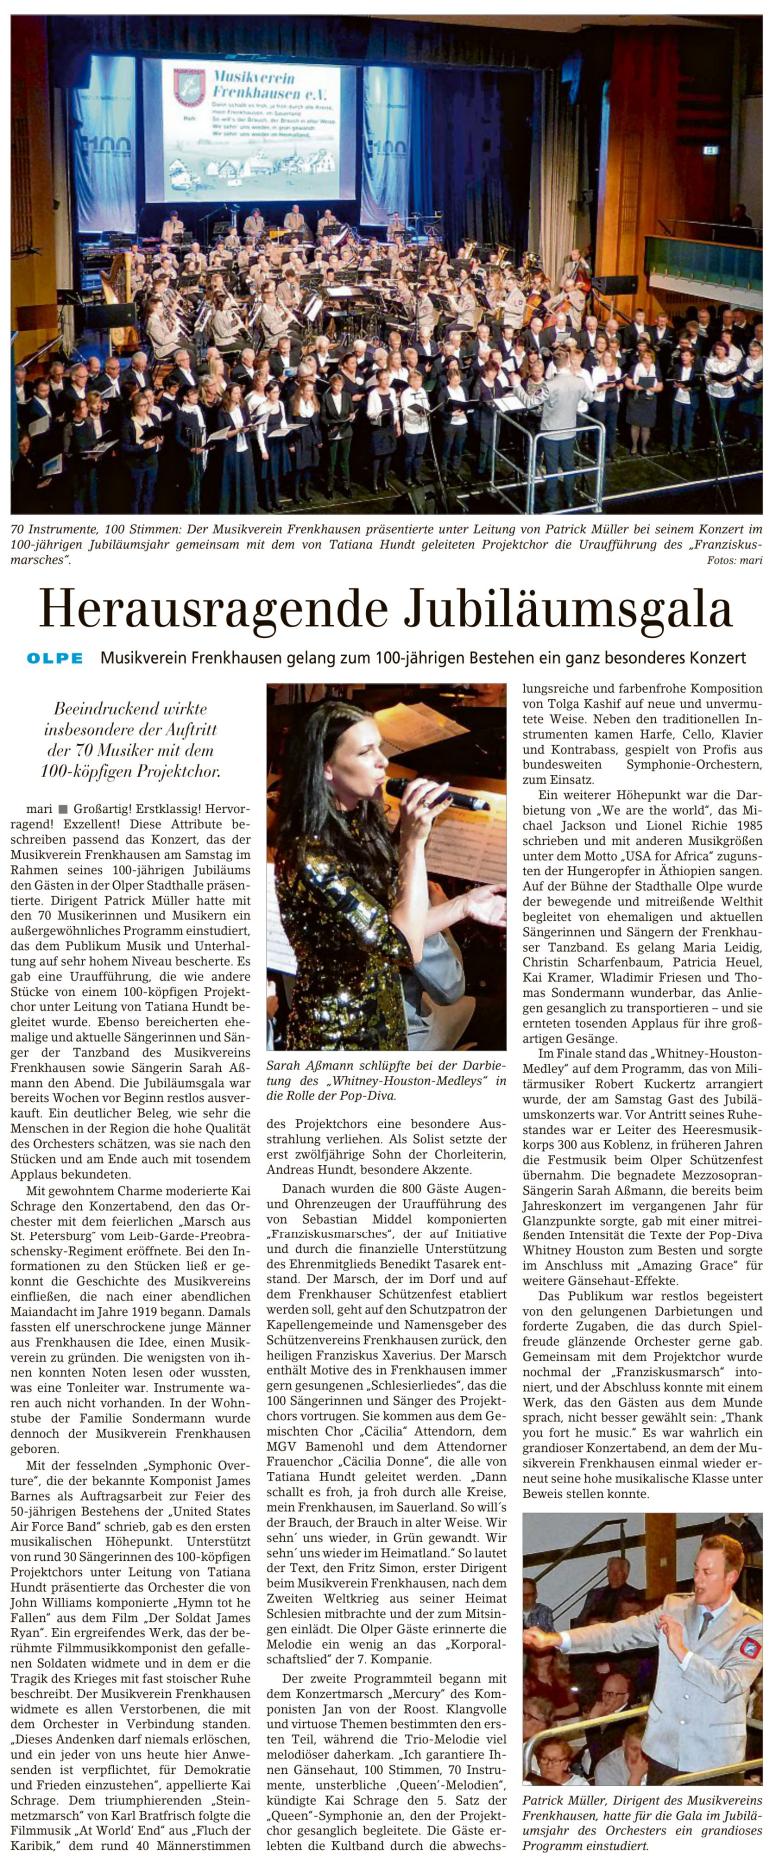 Siegener Zeitung, 25. März 2019